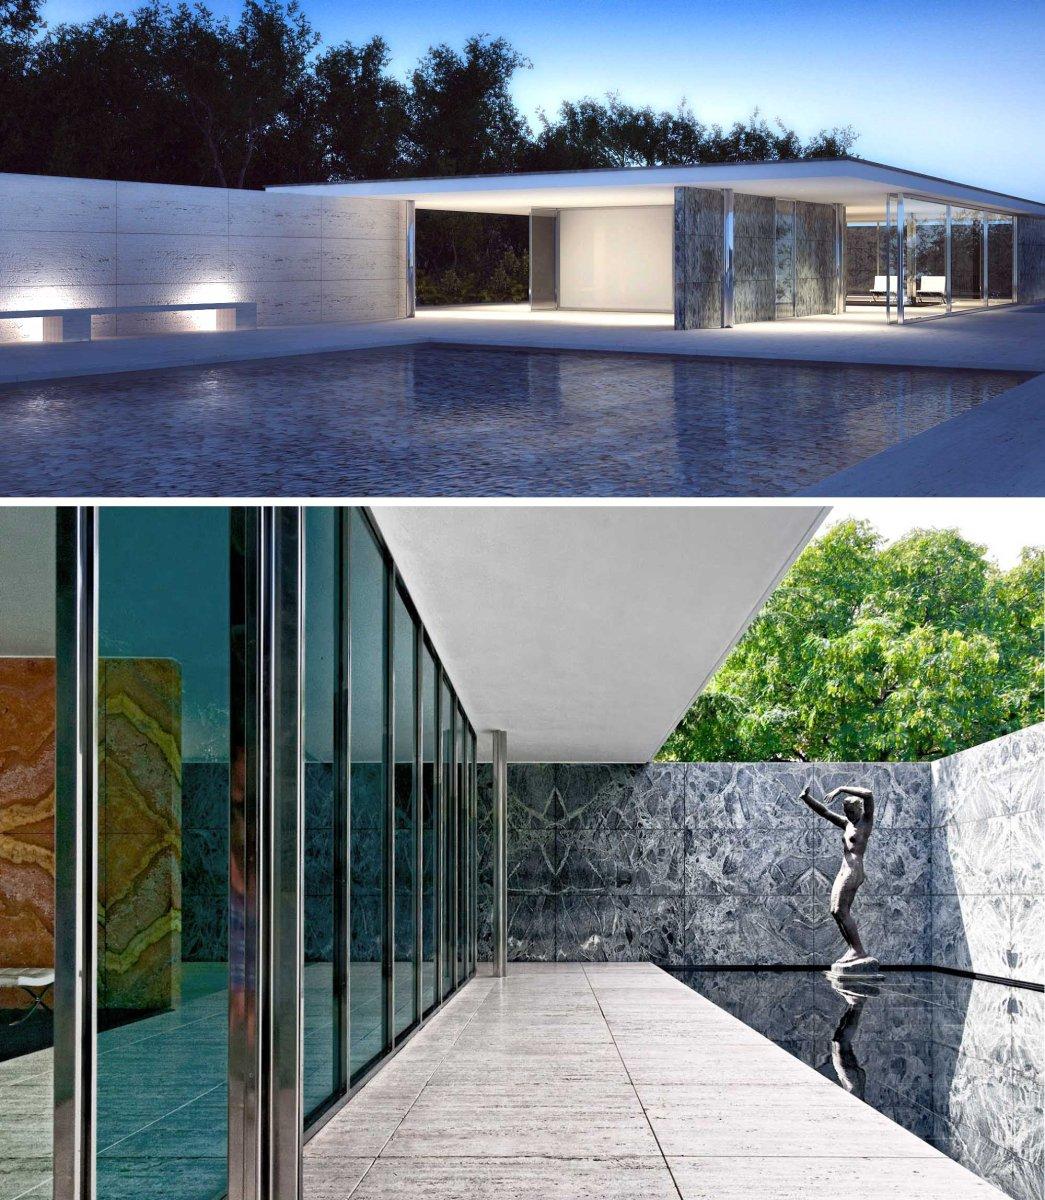 Il padiglione pi bello e famoso mai progettato per un for Architettura contemporanea barcellona